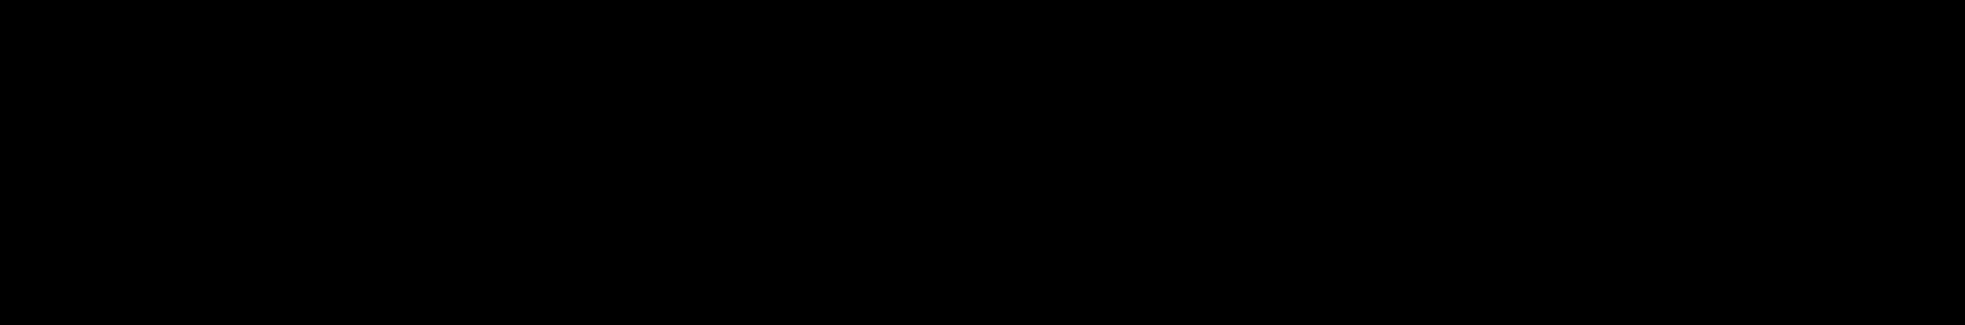 cd-diagram-all